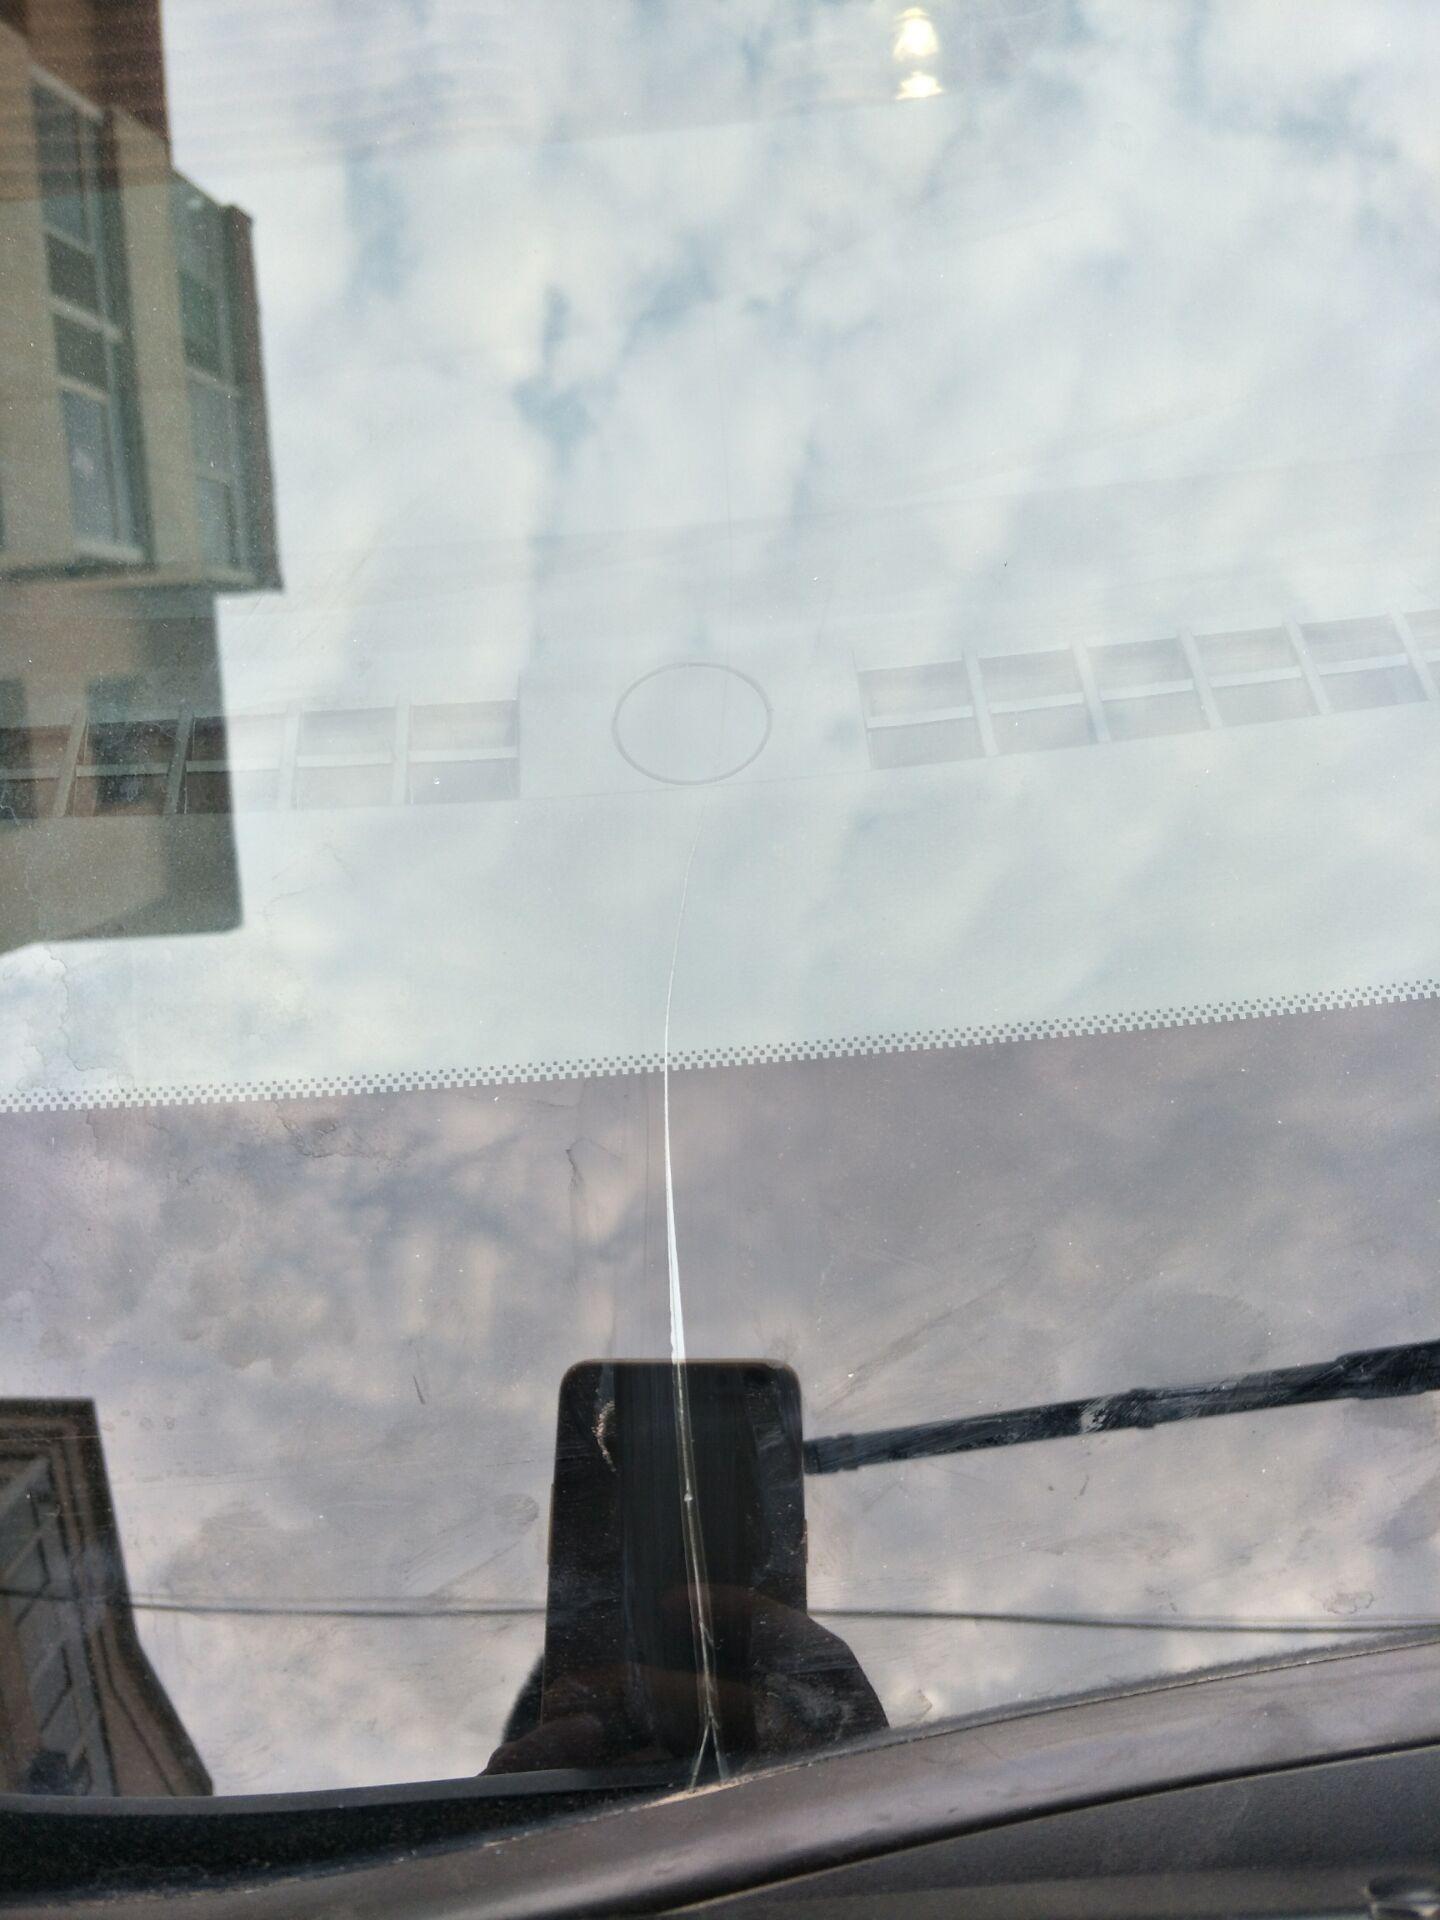 上汽通用-英朗 前挡风玻璃无故出现直线裂痕